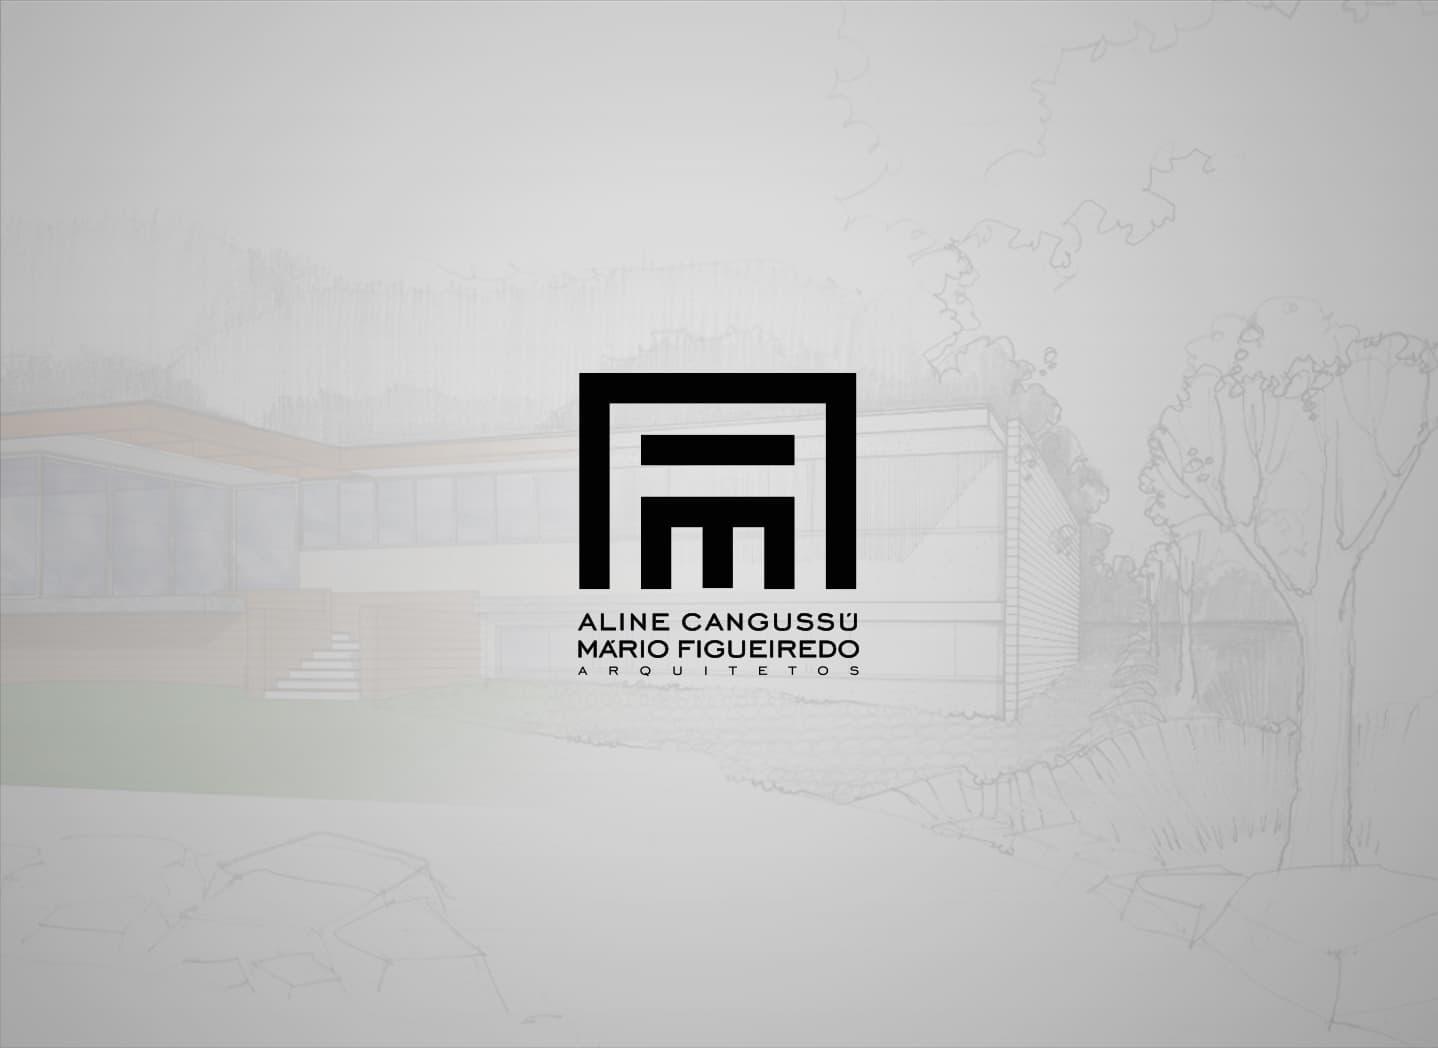 aline-cangussu-arquitetura-criação de marca-salvador-milk9